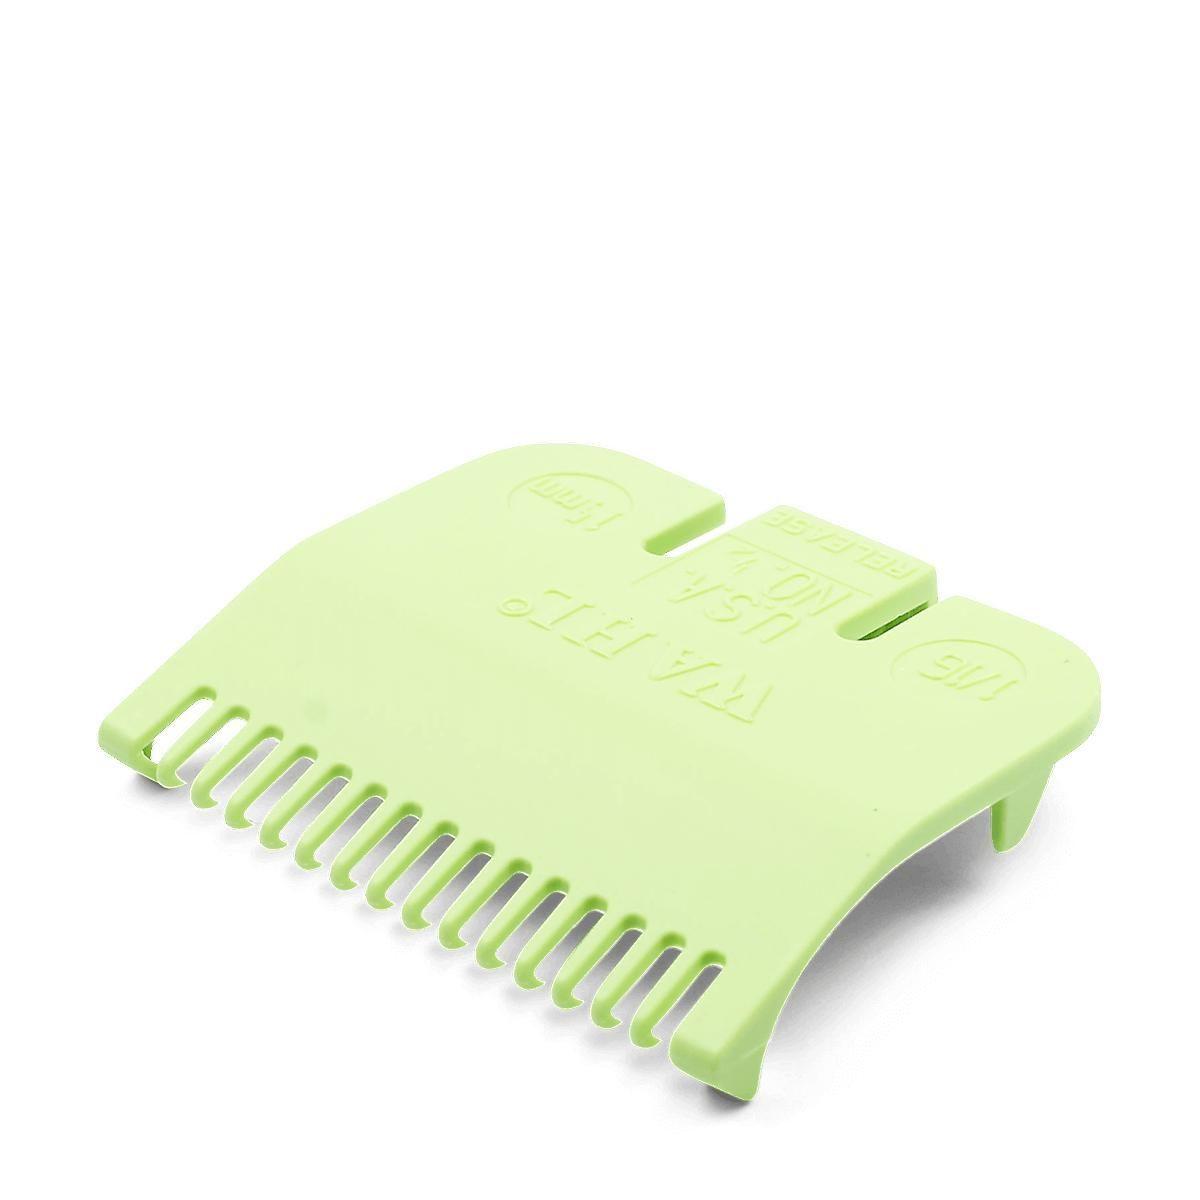 Wahl Clipper Attachment Plastic No 1/2 - lime/green